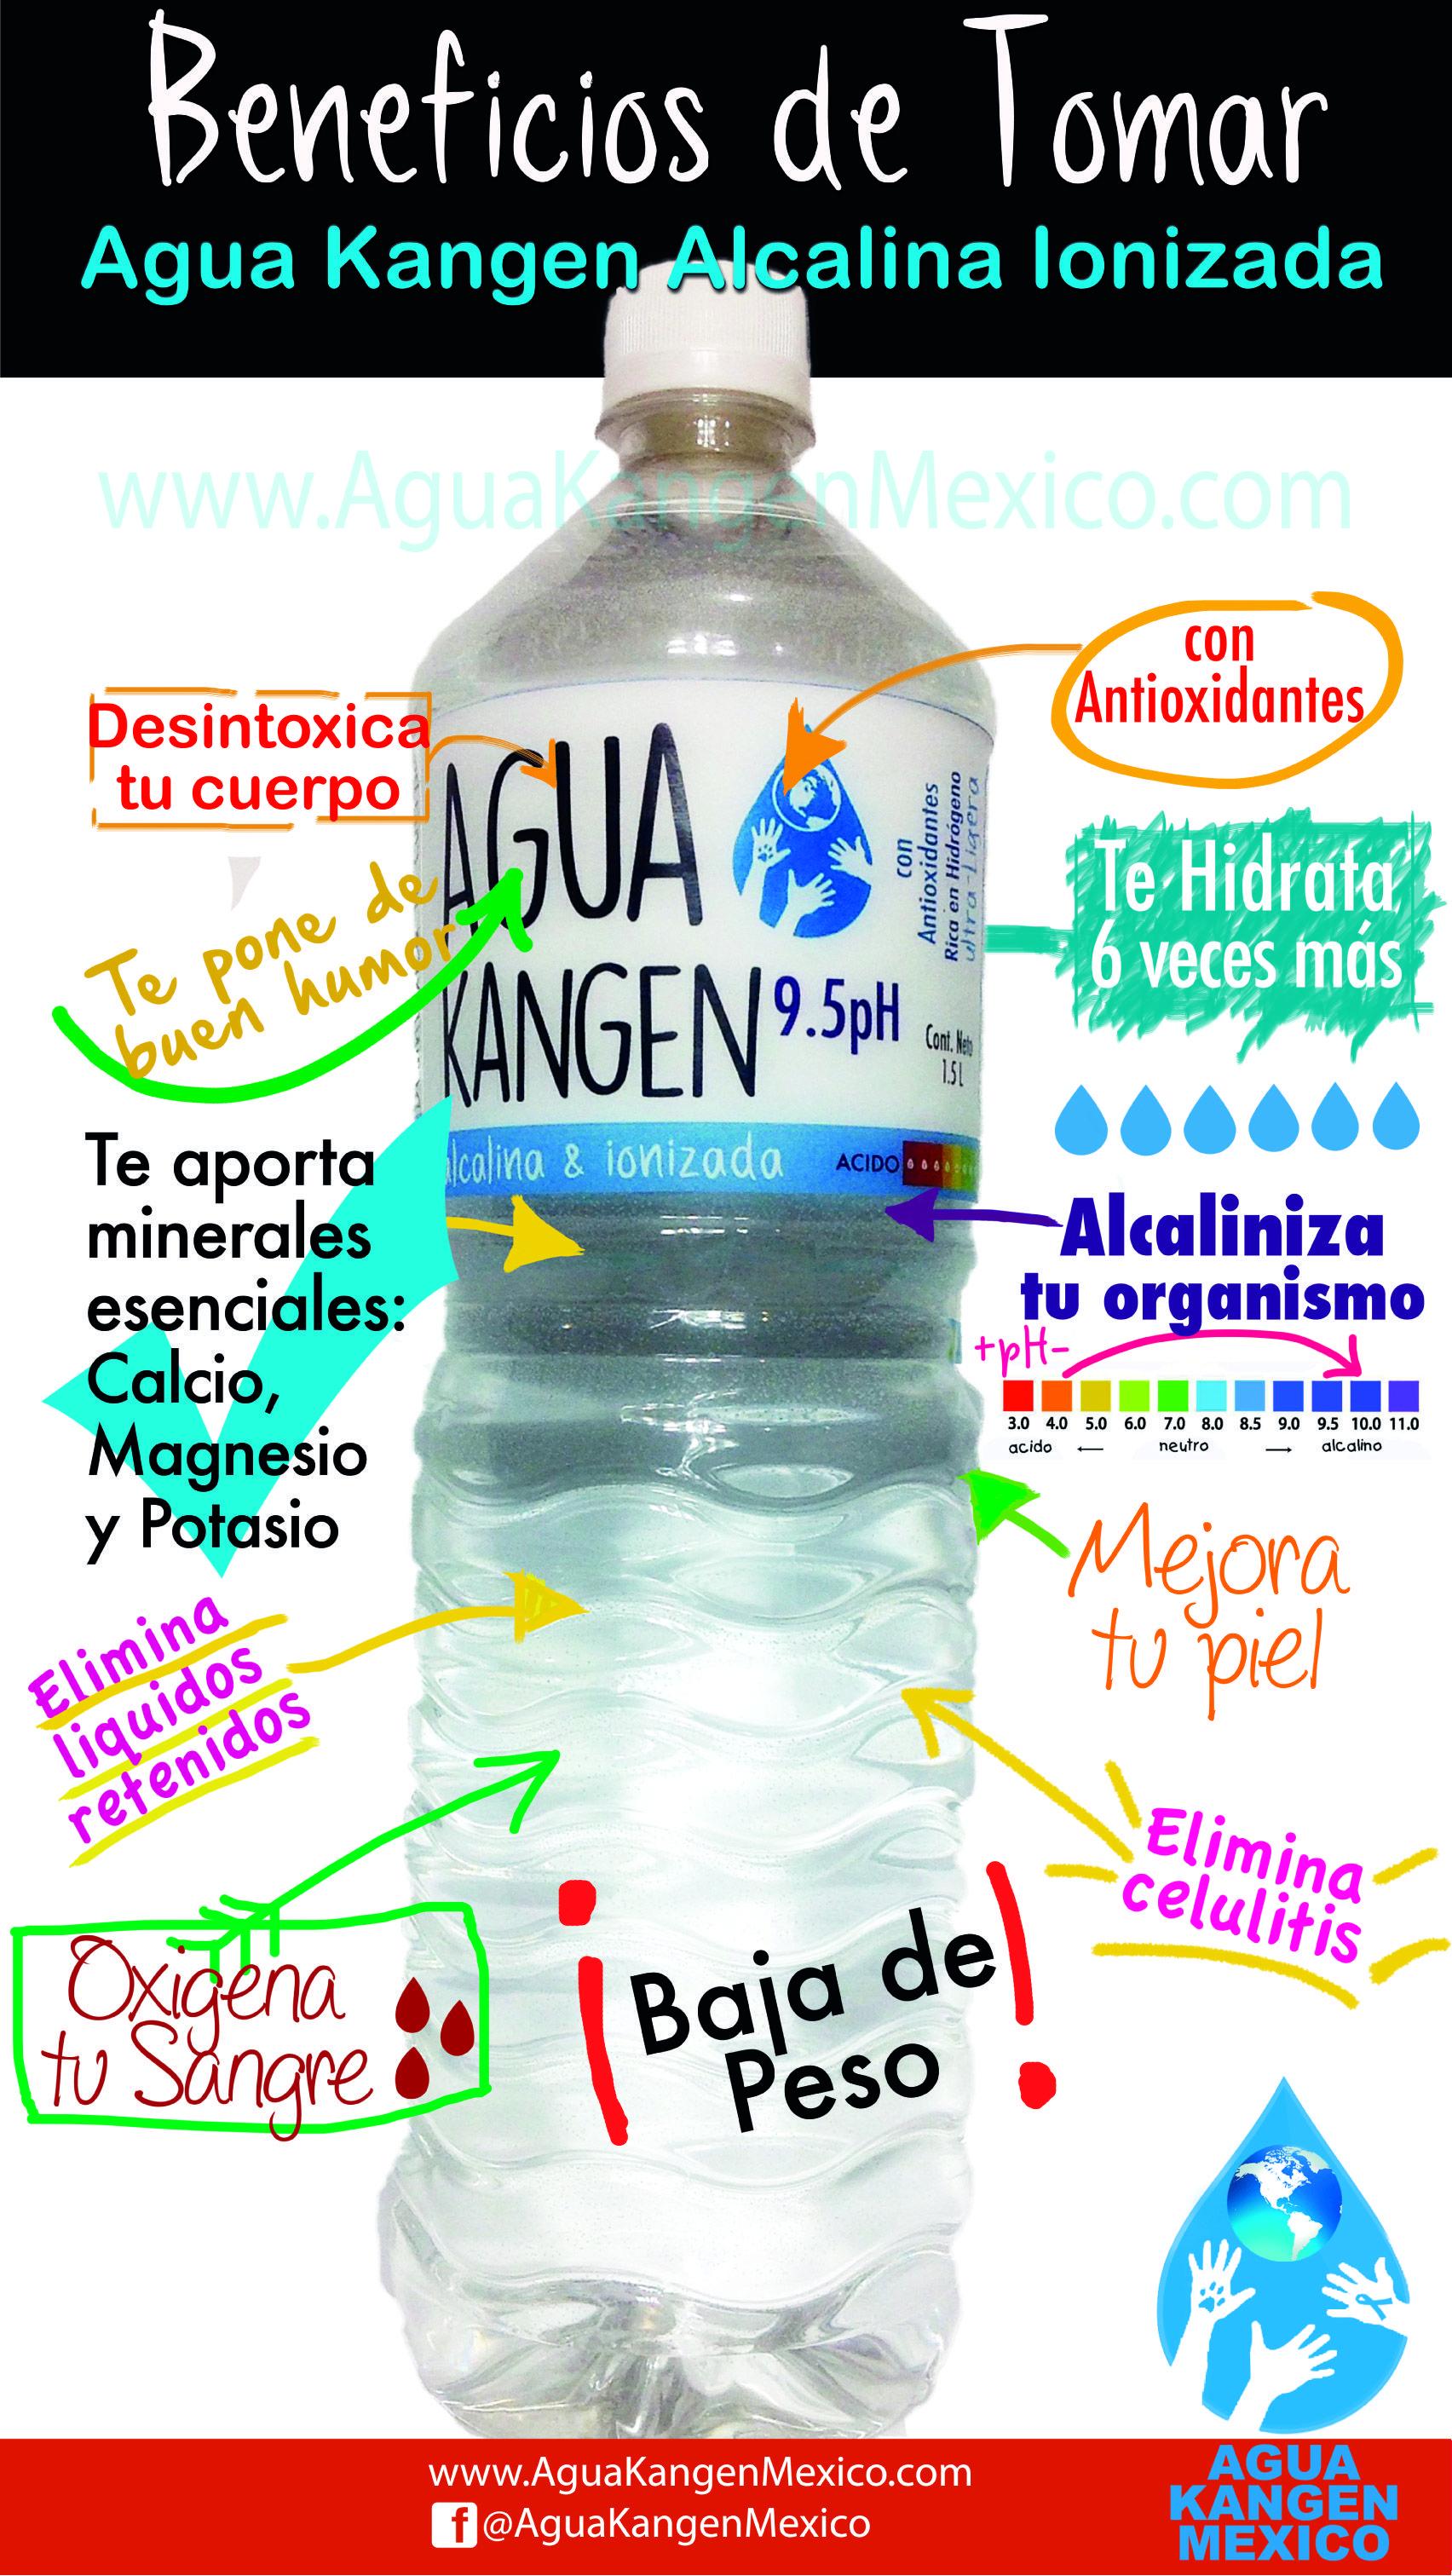 Beneficios De Tomar Agua Kangen Agua Alcalina Ionizada Antioxidante Nota No Estamos A Favor Beneficios De Tomar Agua Agua Alcalina Beneficios De Beber Agua